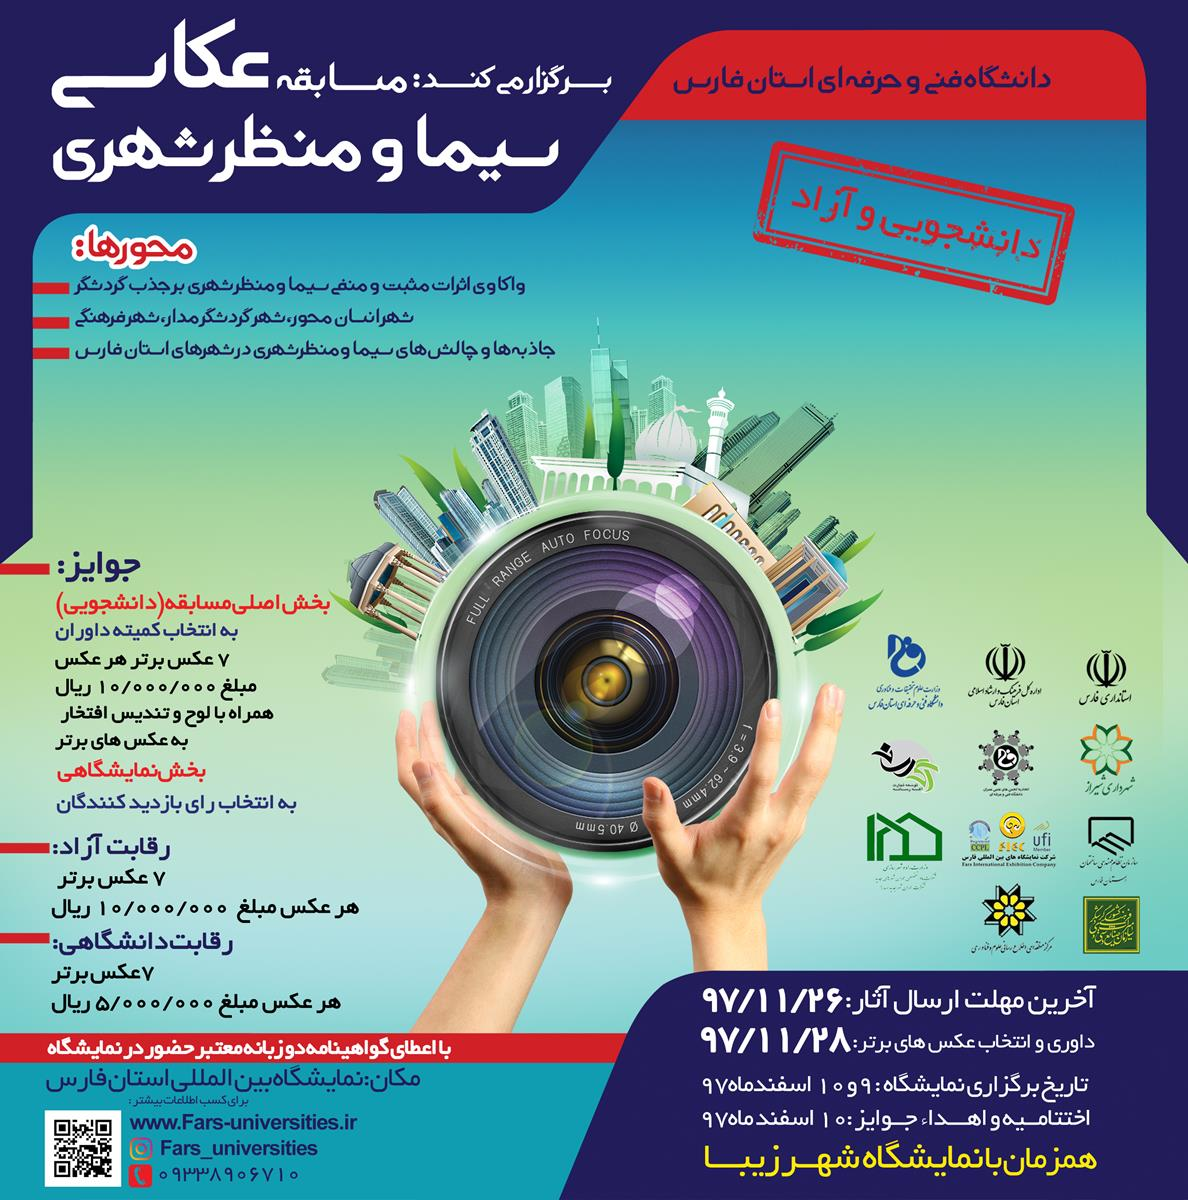 فراخوان جشنواره عکاسی با موضوع سیما و منظر شهری